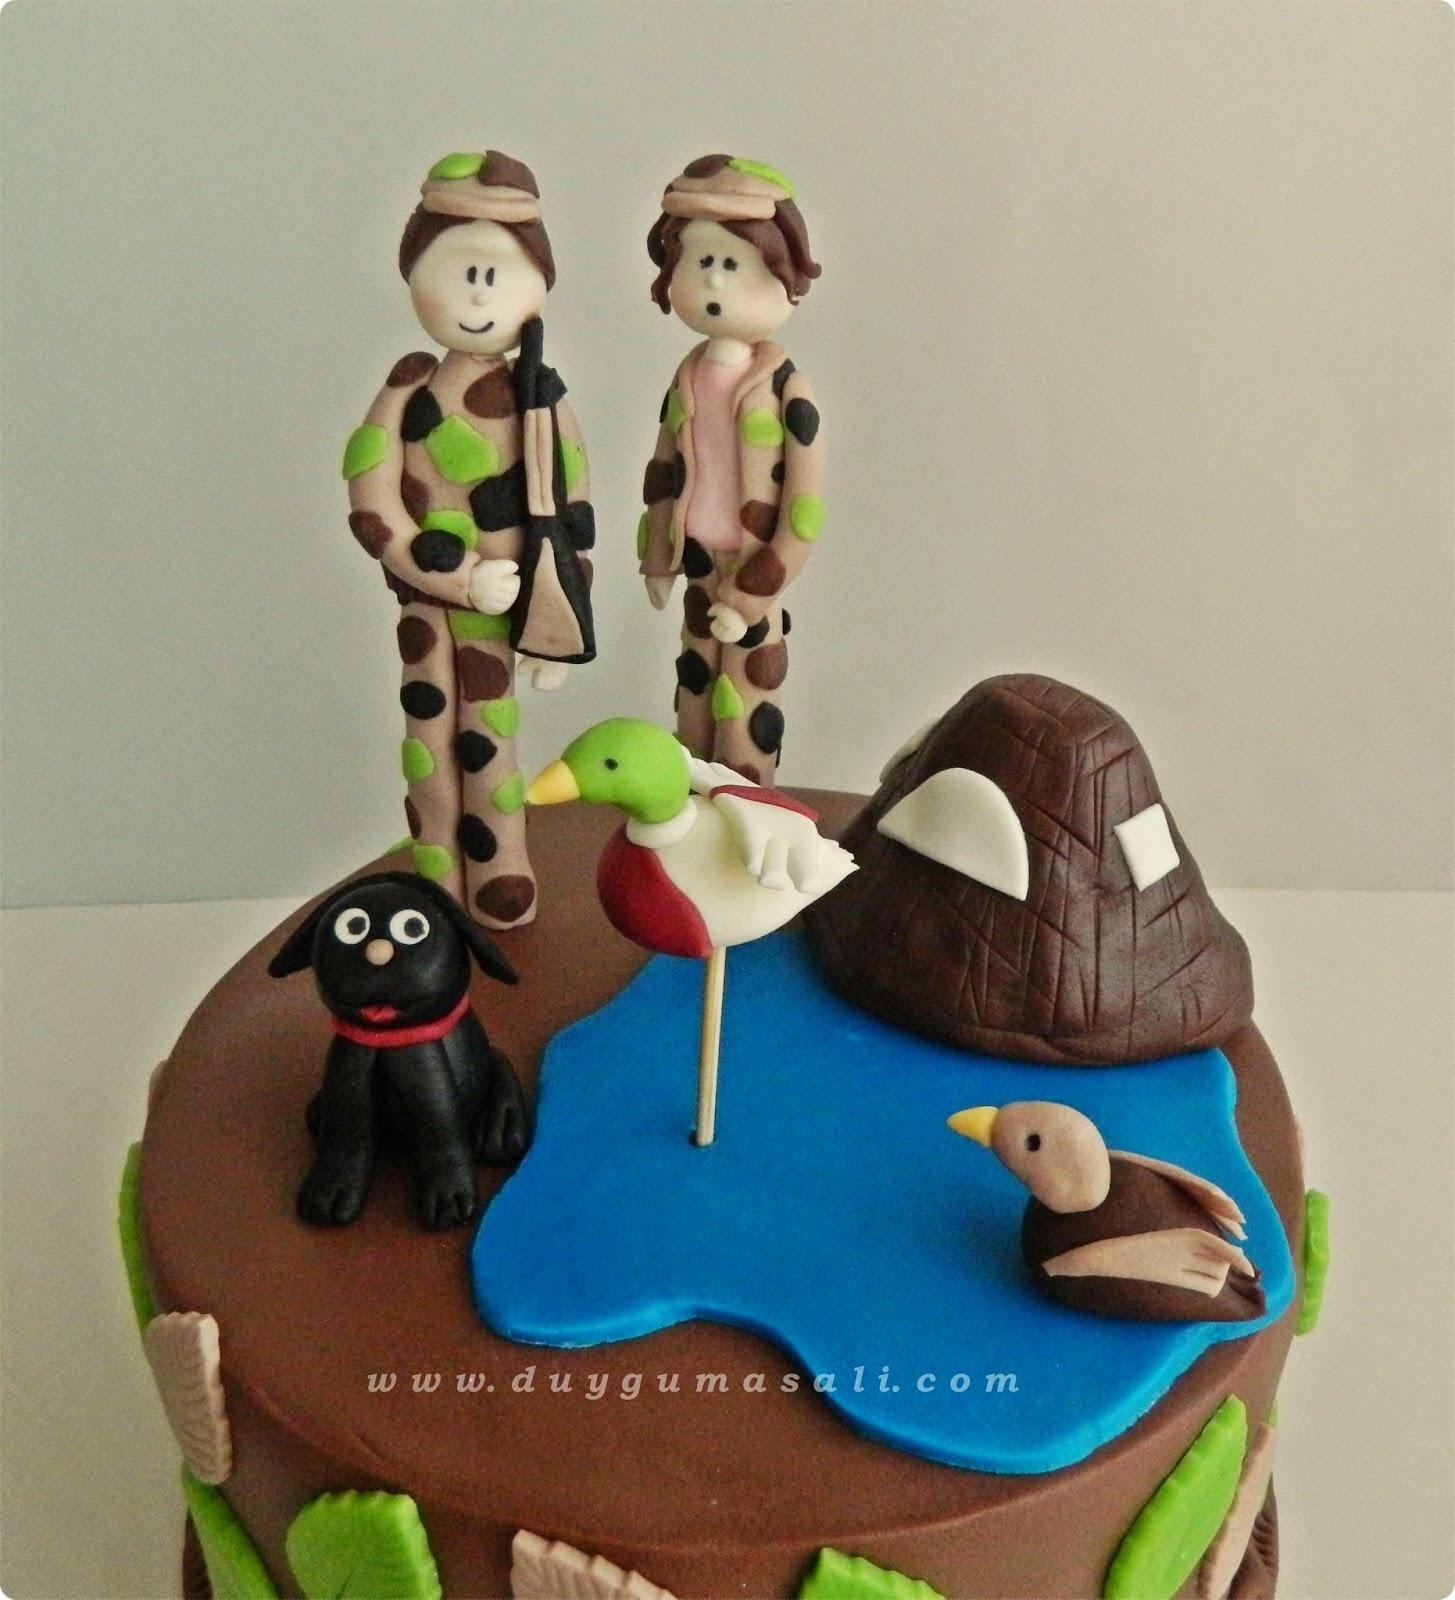 edirne avcı butik pasta